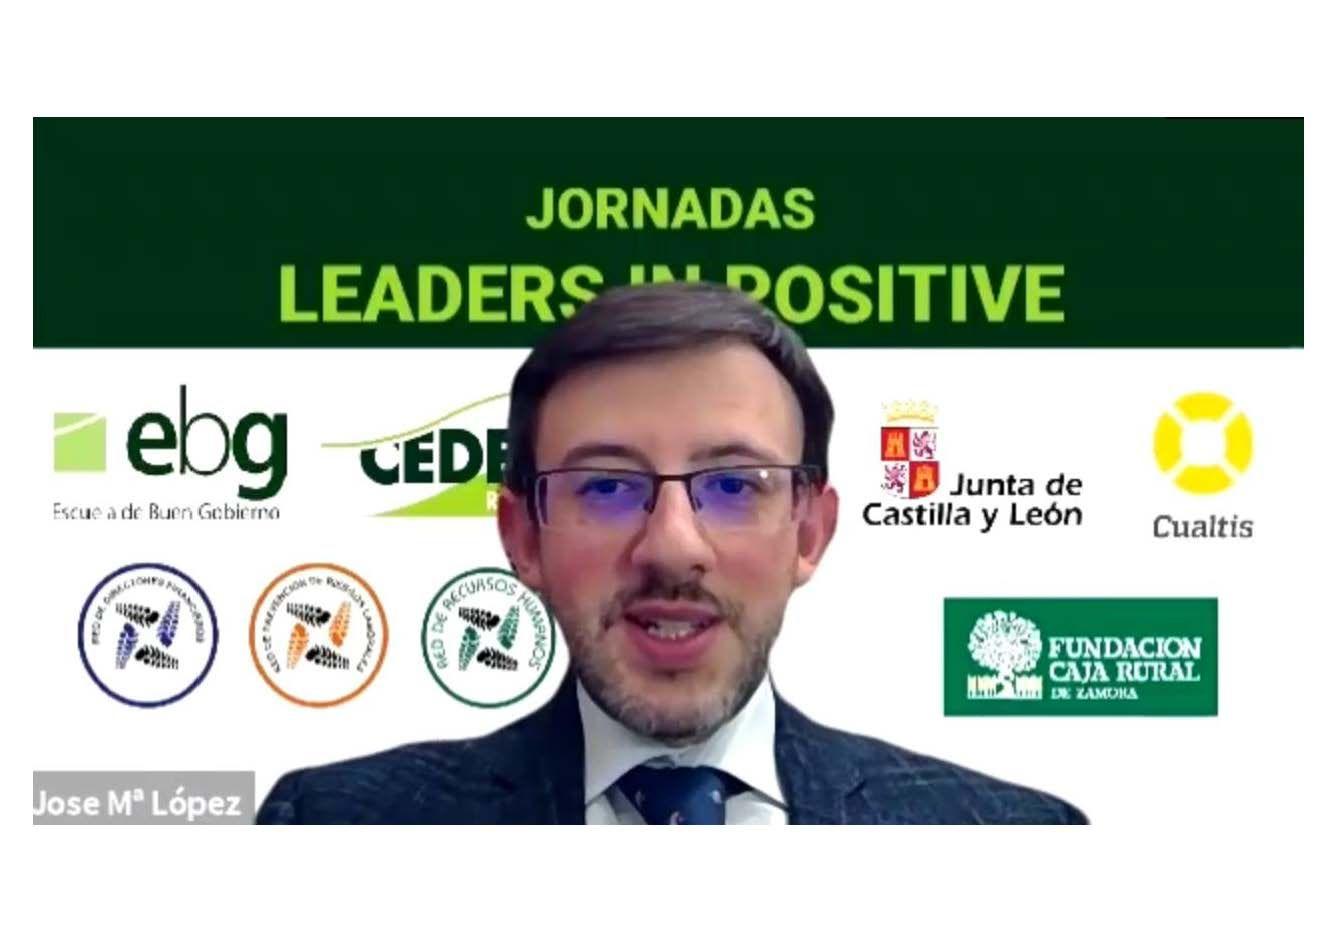 Foto de CEDERED Leaders in positive